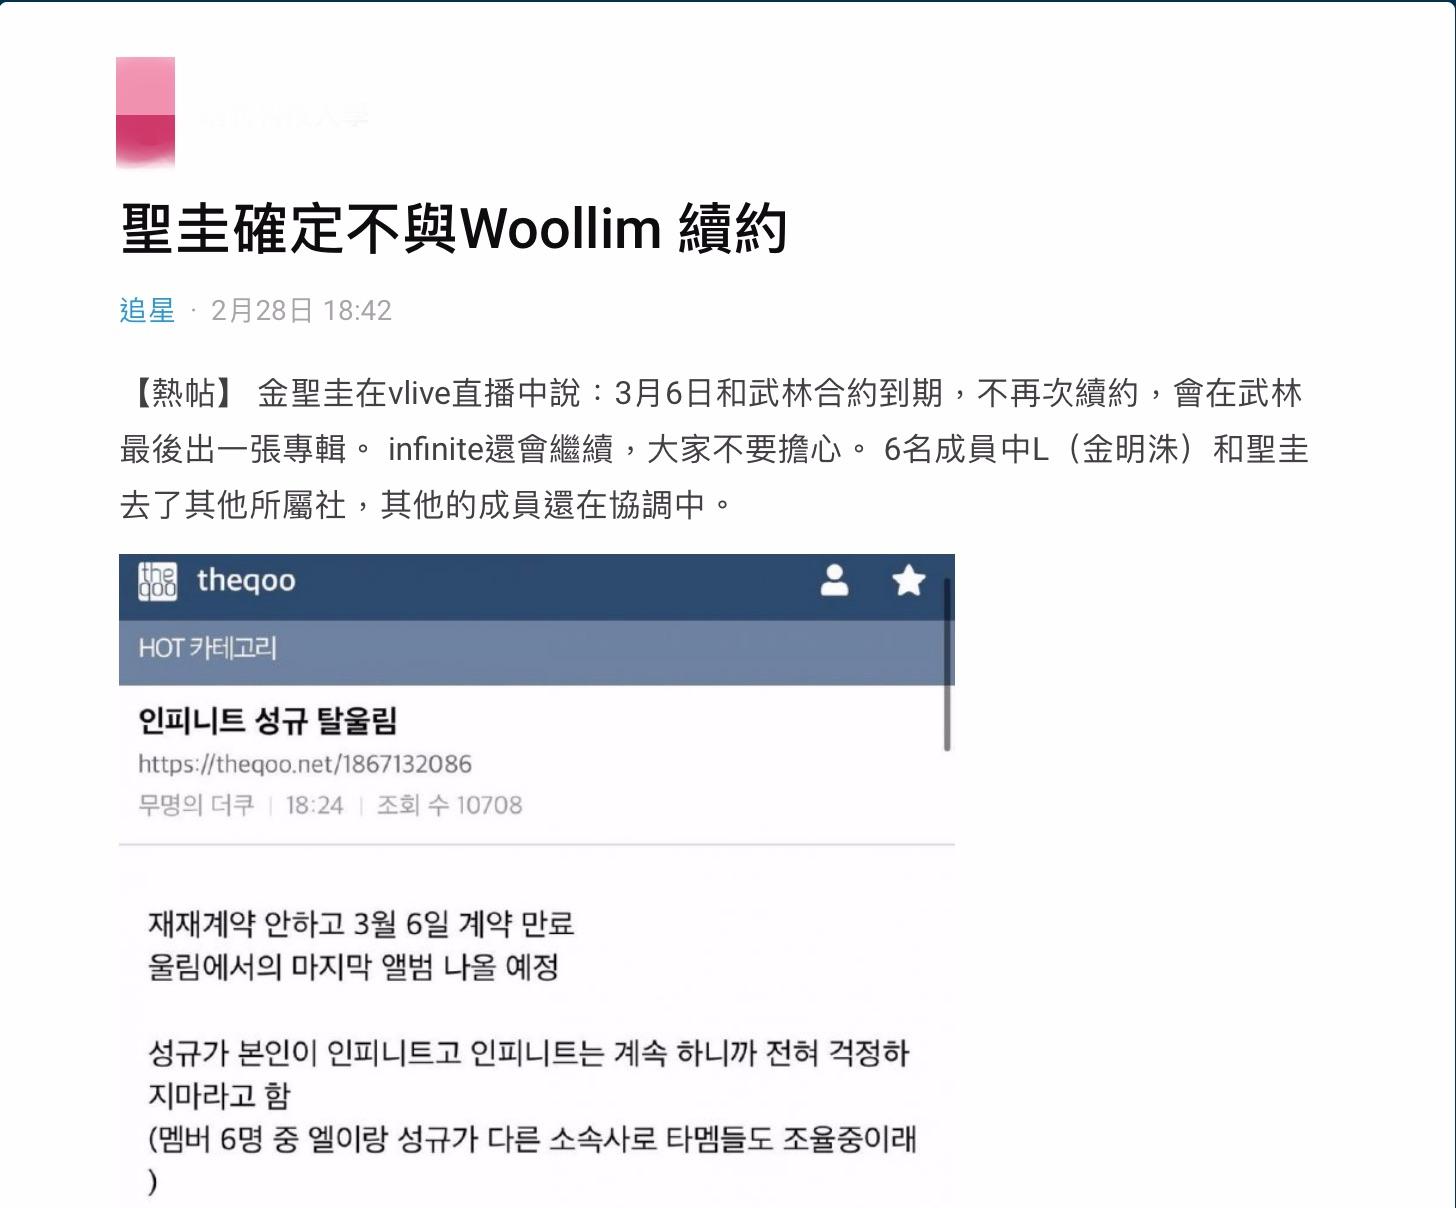 不再續約Woollim娛樂!聖圭掰了11年老東家 承諾「依舊是INFINITE」